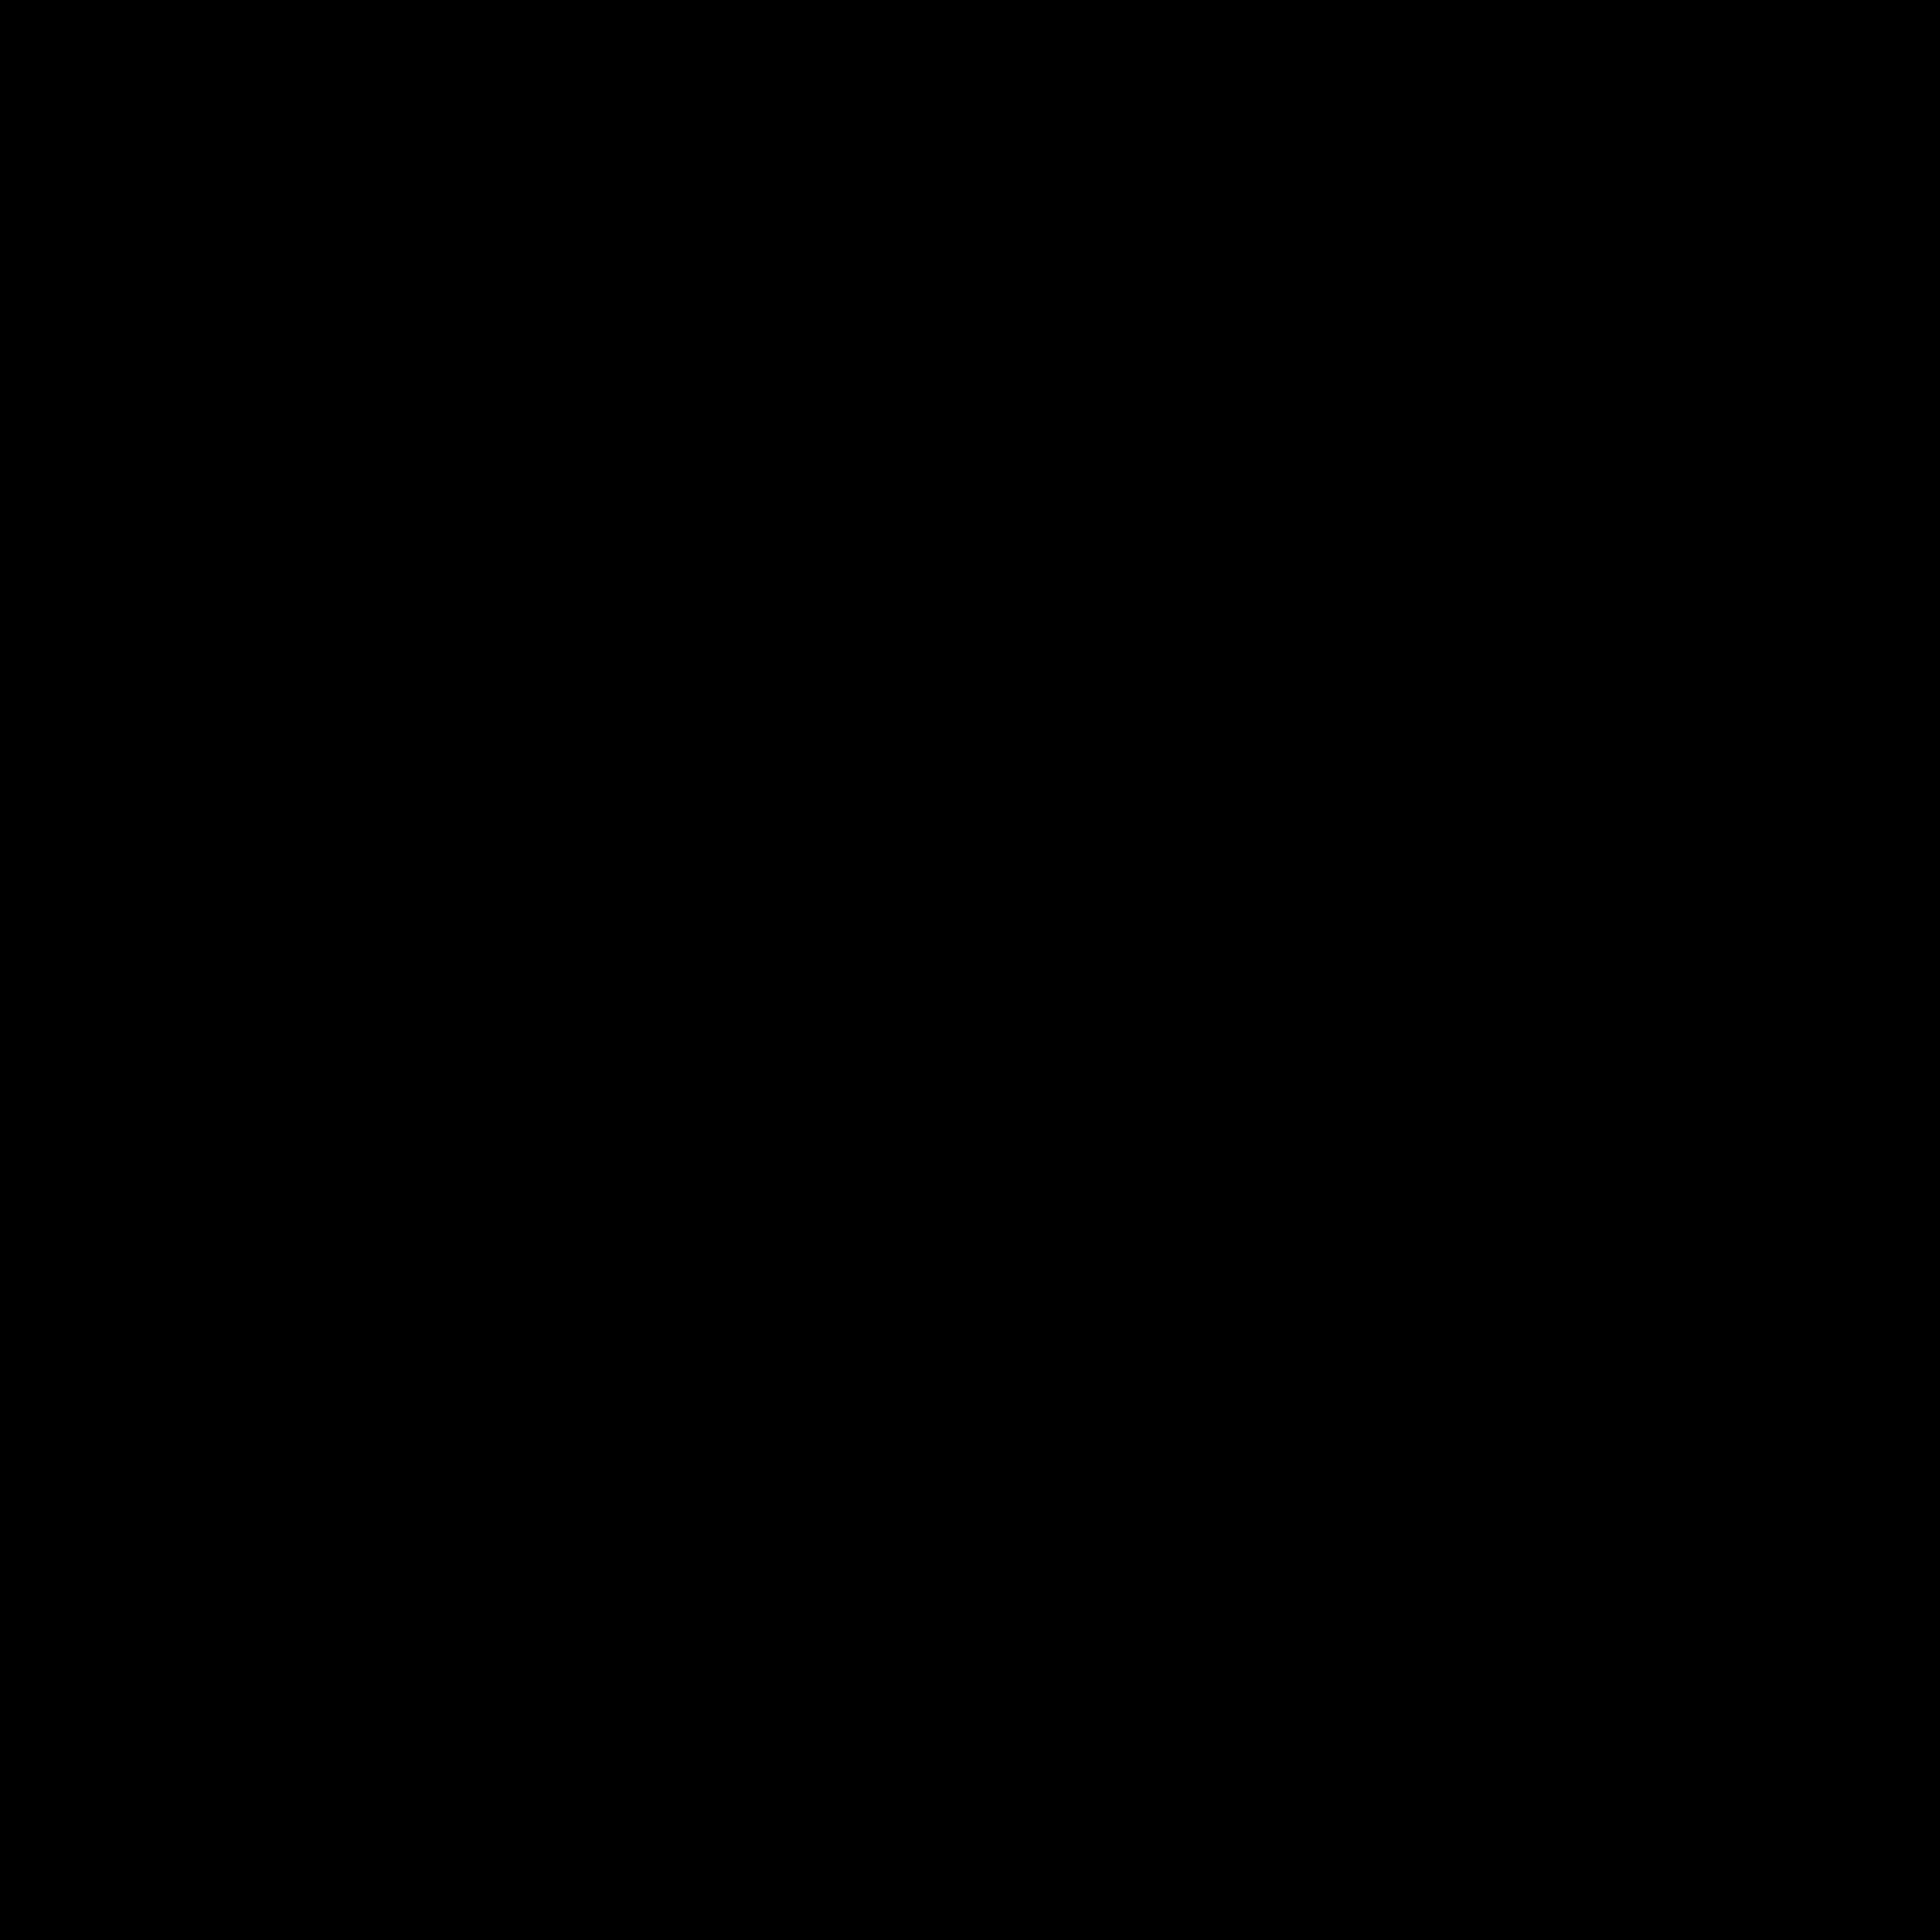 ufc logo 0 - UFC Logo